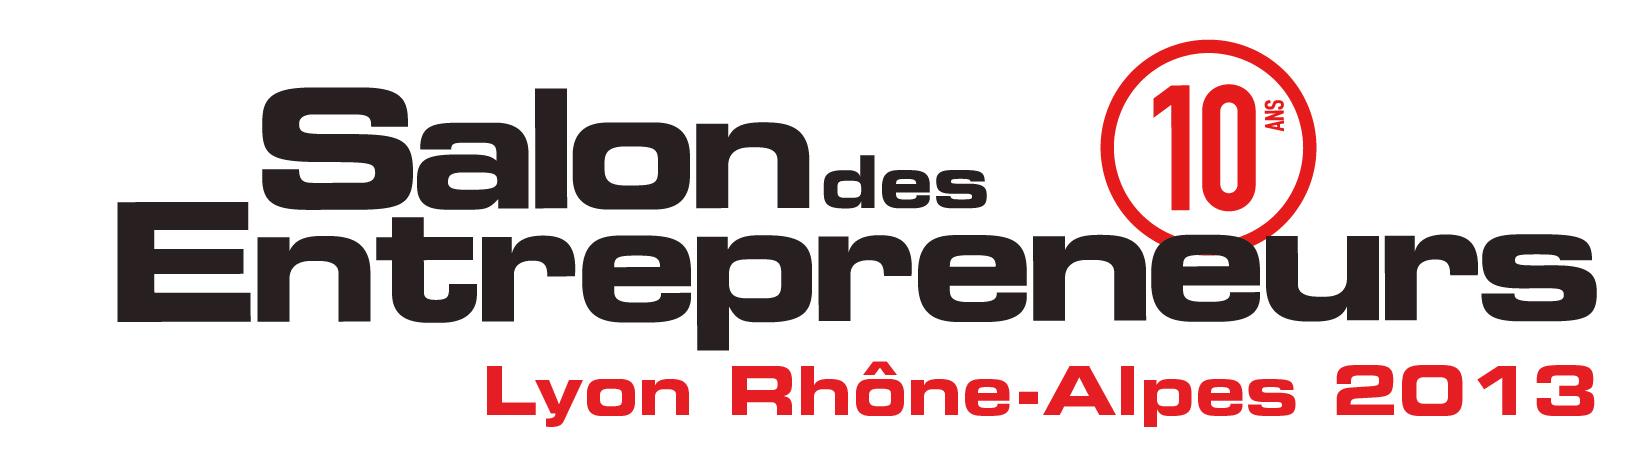 Salon des entrepreneurs lyon 2013 suppl ment for Salon des entrepreneurs de lyon